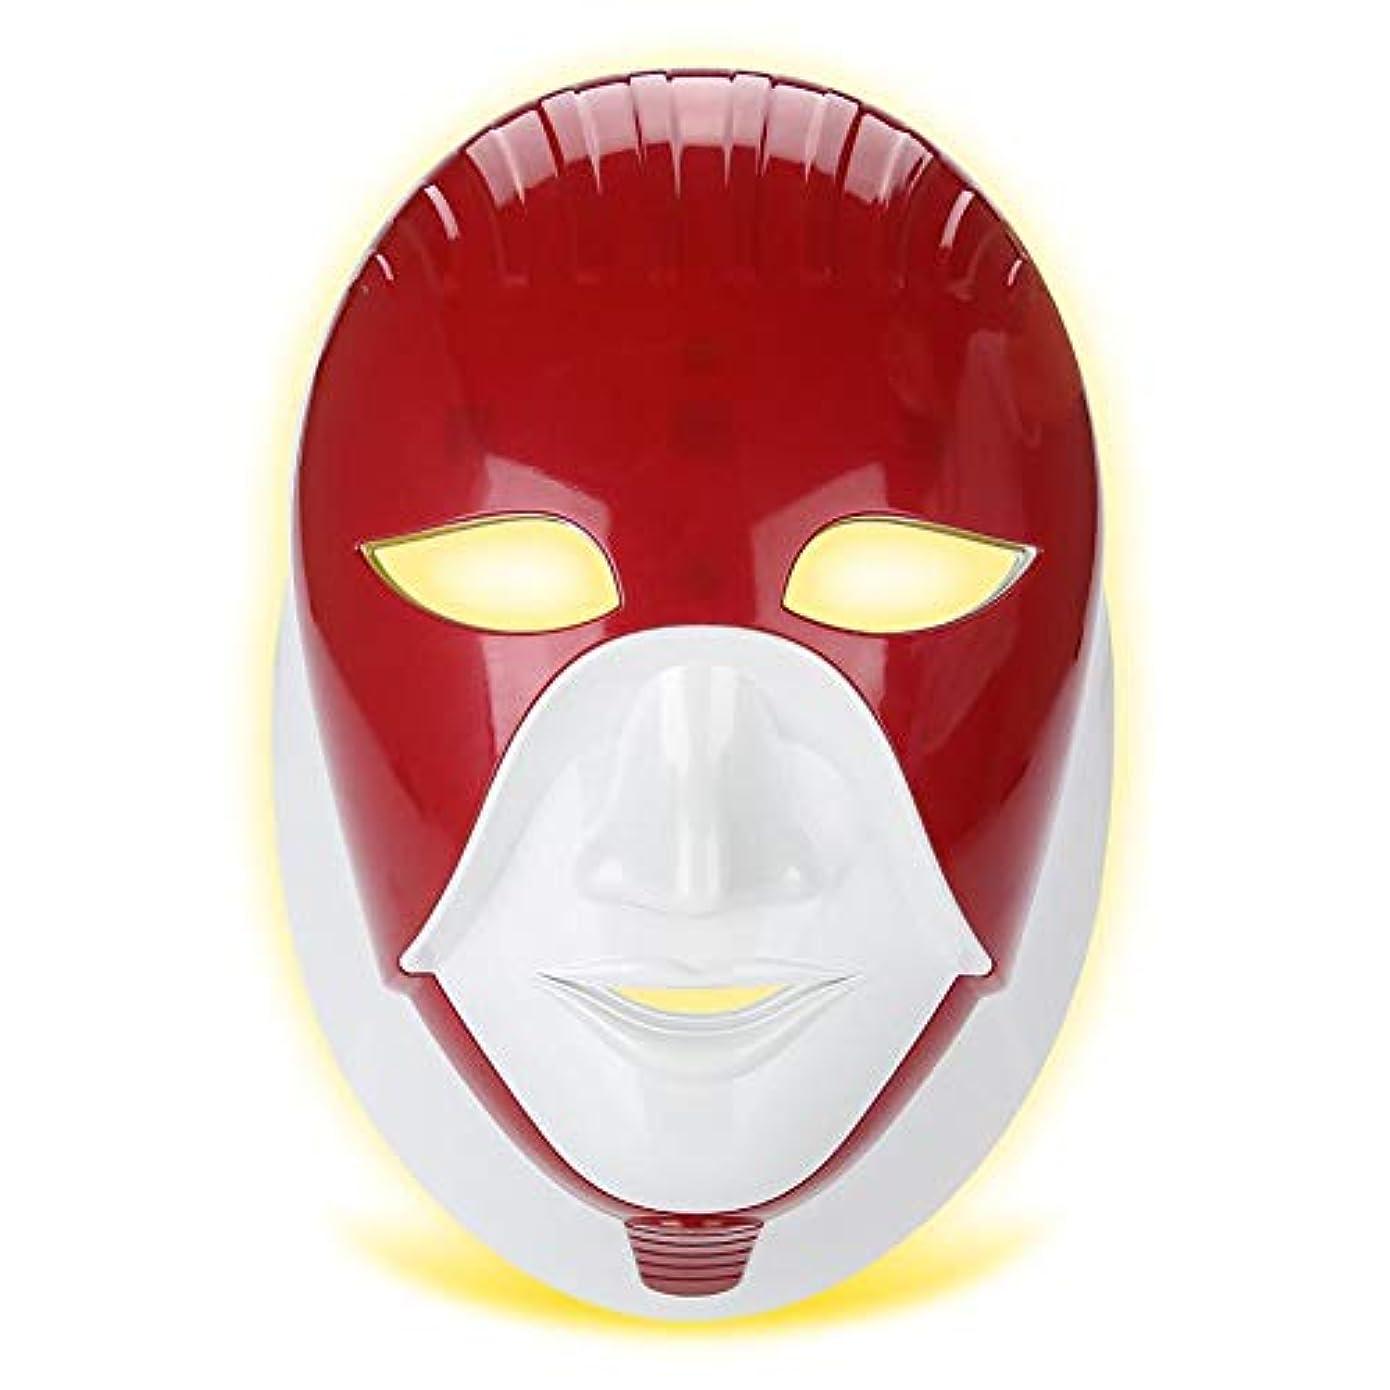 マットレス血色の良い分LEDフェイシャルネックマスク、滑らかな肌のより良いのための7色のネオン - 輝くライトフェイスケア美容ツール、肌のリラクゼーショング、引き締め、調色、引き締まった肌、瑕疵び、美白(02#)